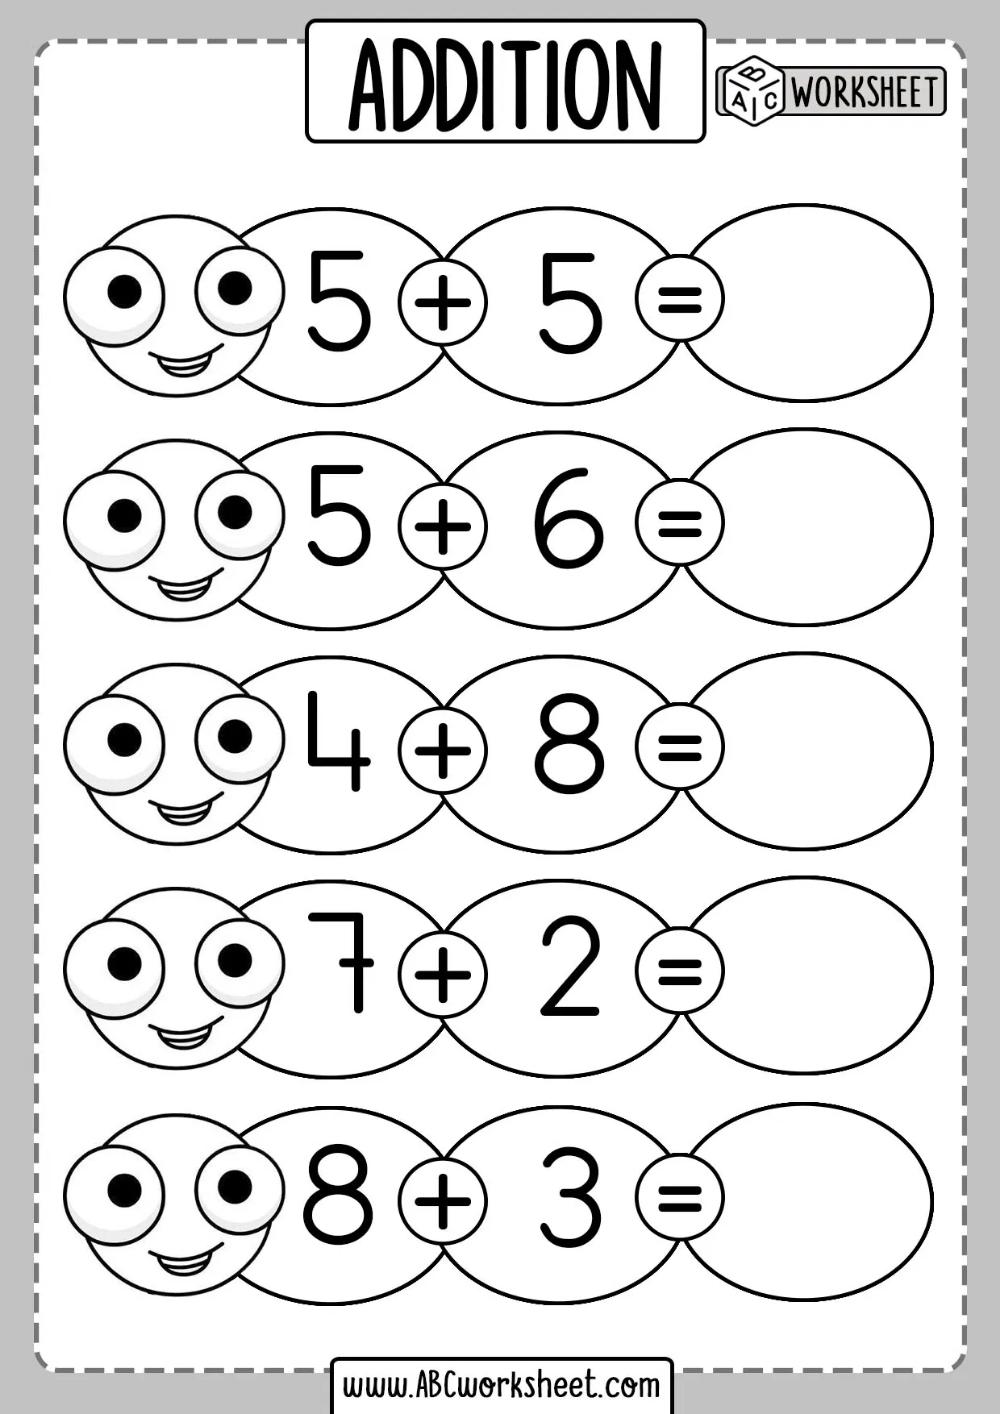 Addition Sums For Grade Kids Worksheet   Addition worksheets [ 1414 x 1000 Pixel ]